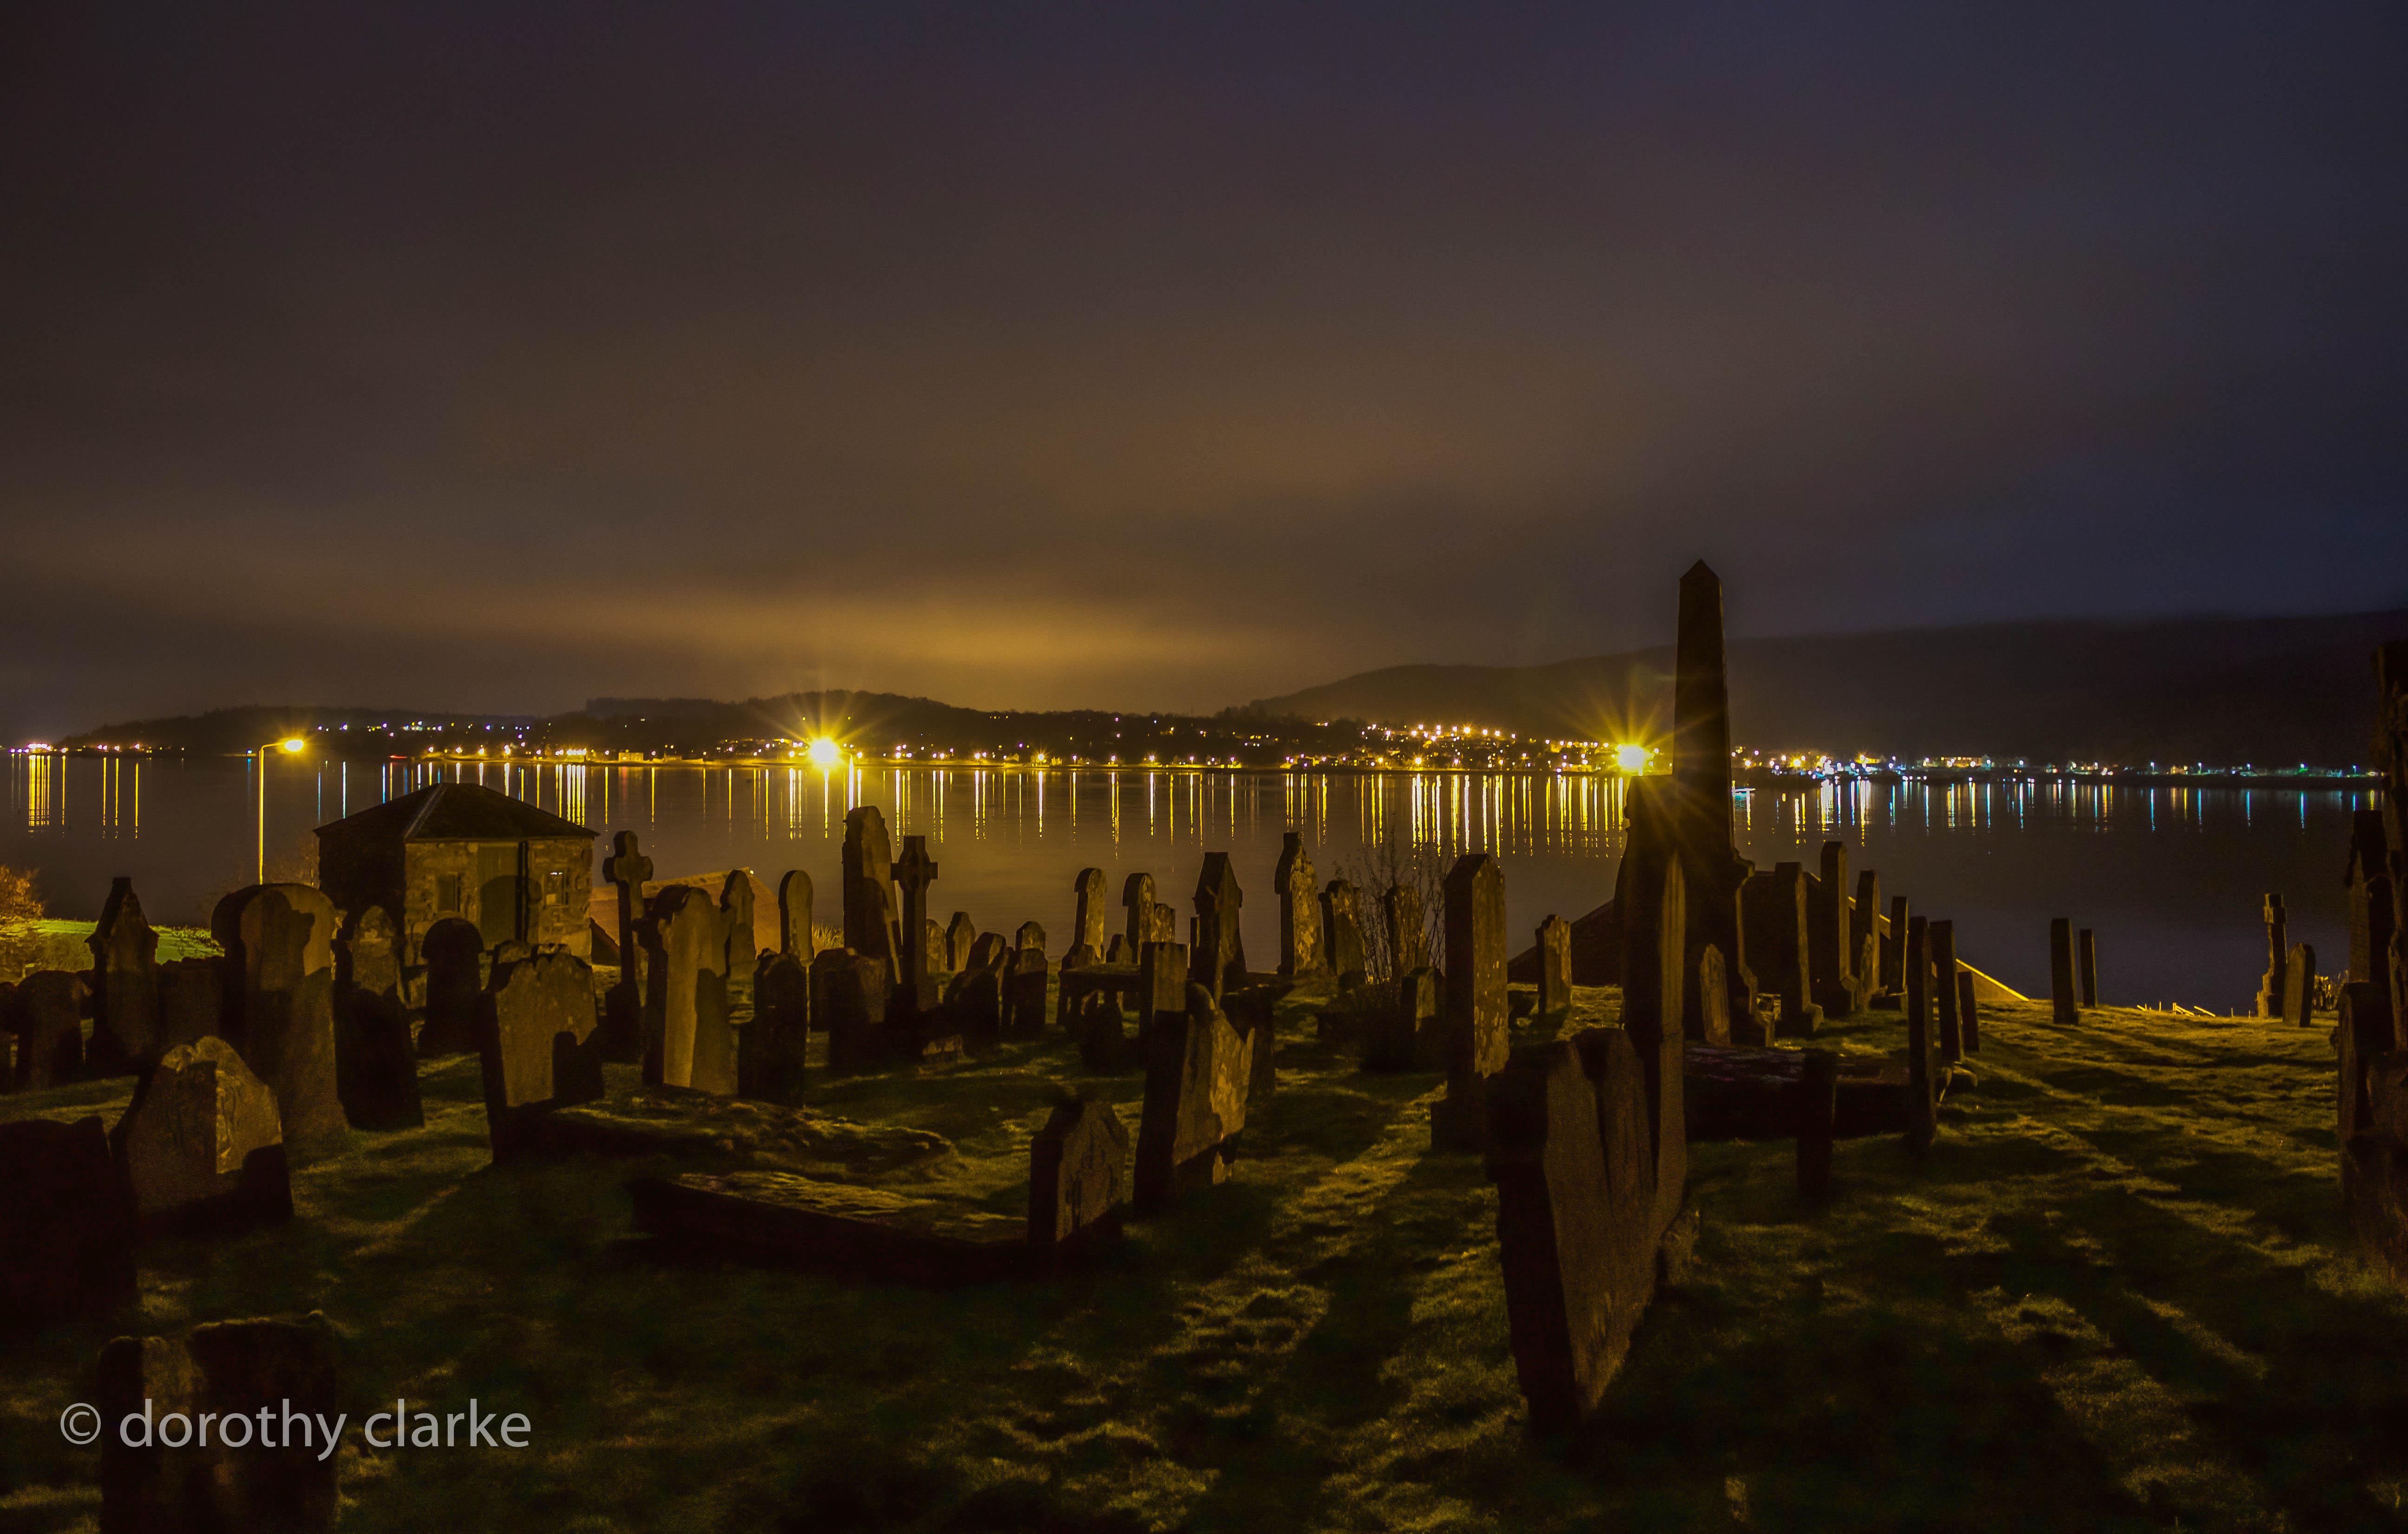 Kilmun Graveyard